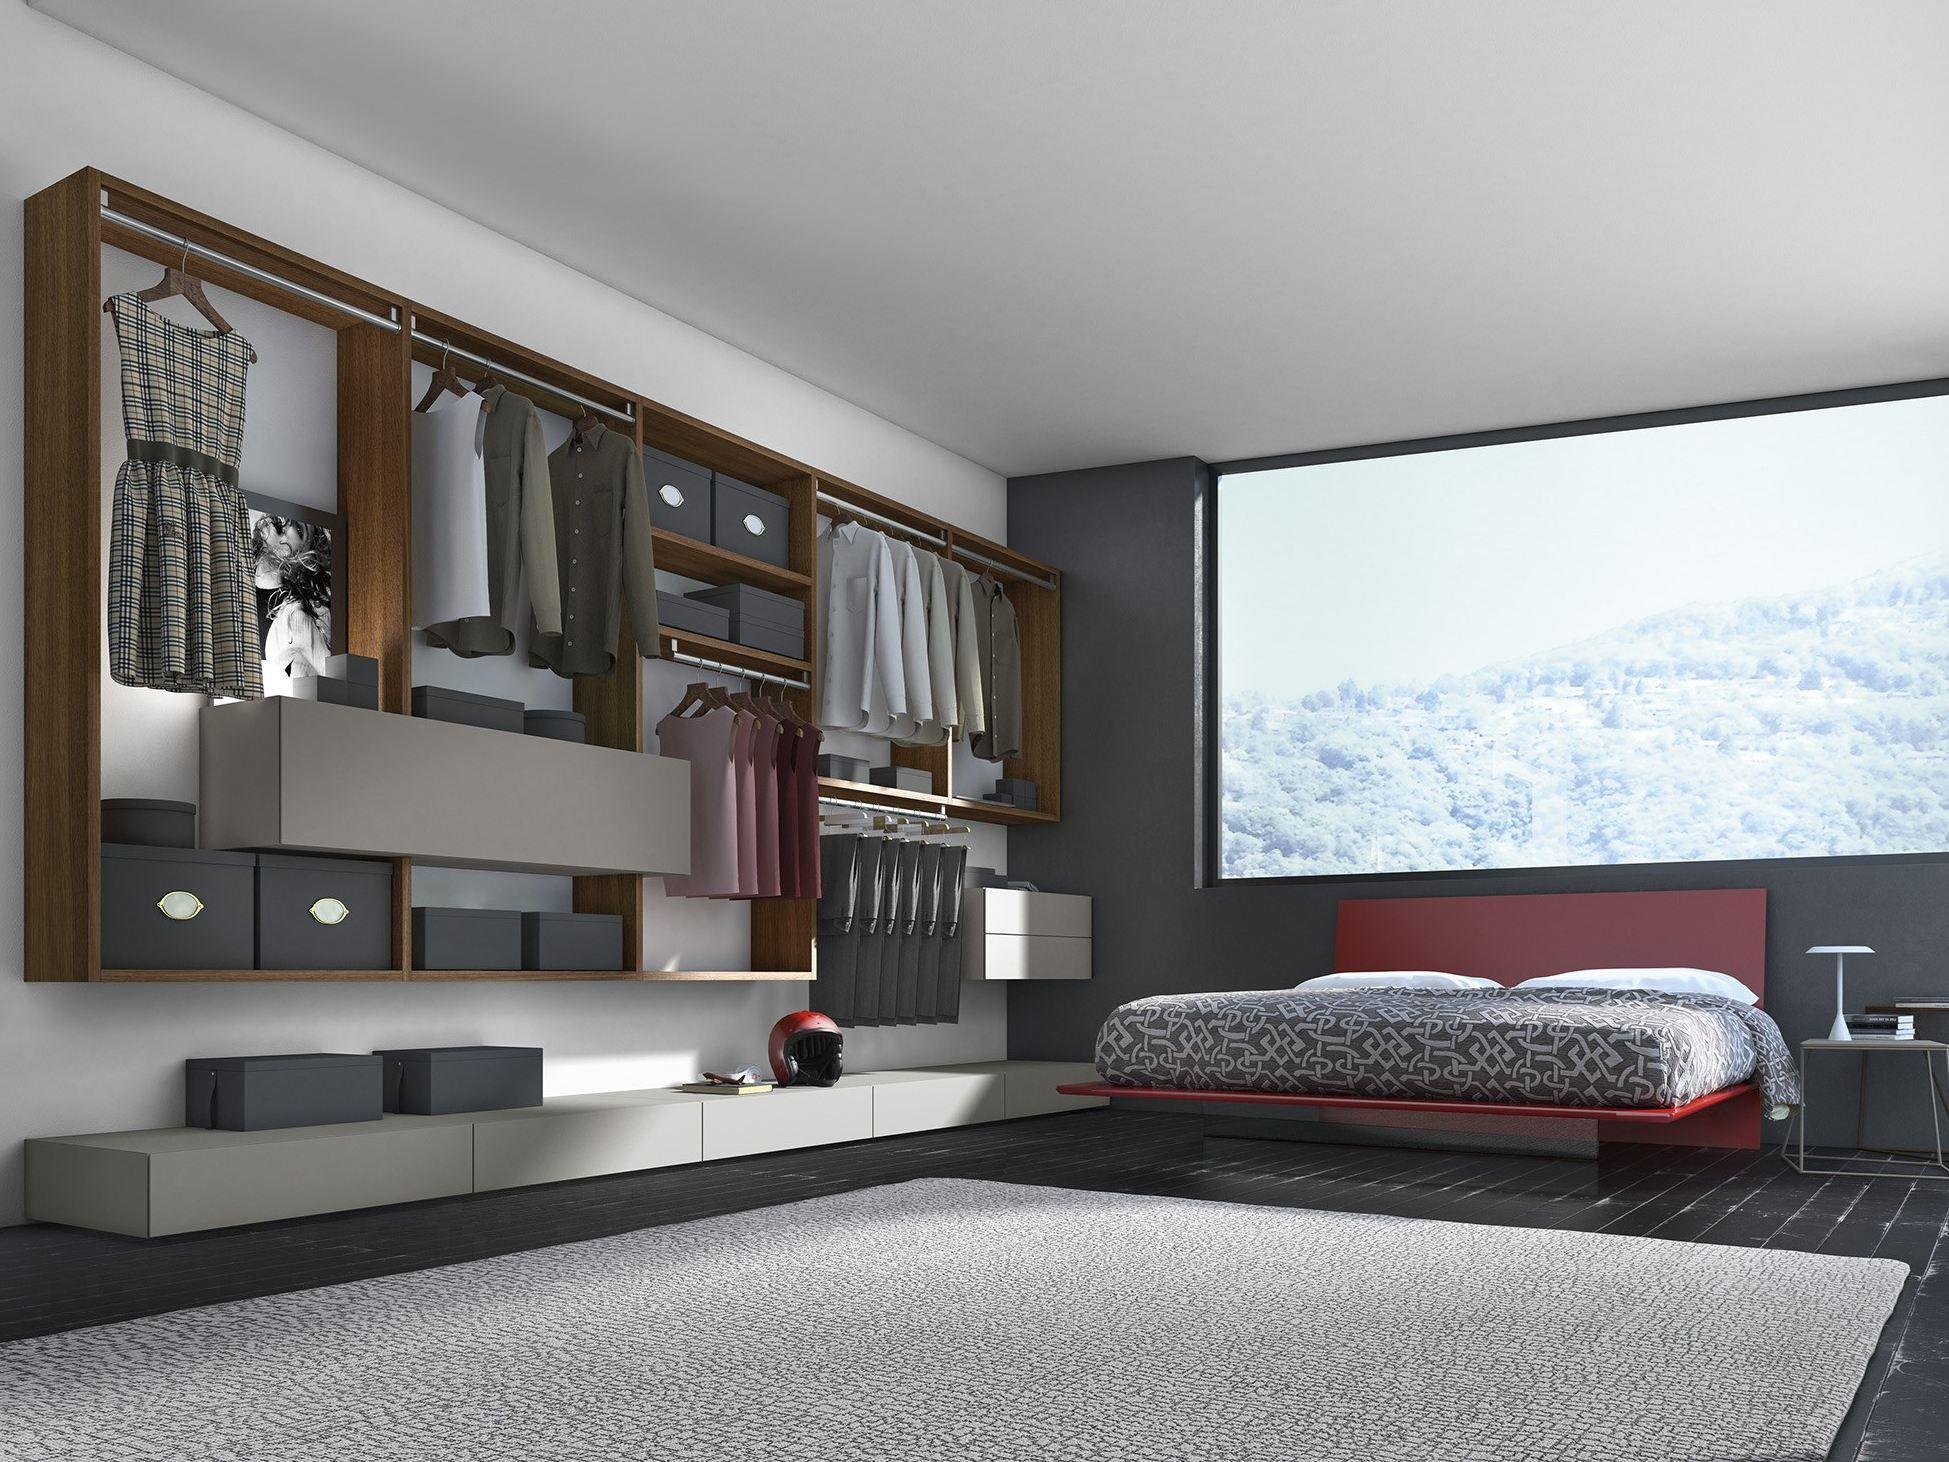 camera da letto in legno in stile moderno crossart - 526 by ... - Mobili Camera Da Letto Moderna